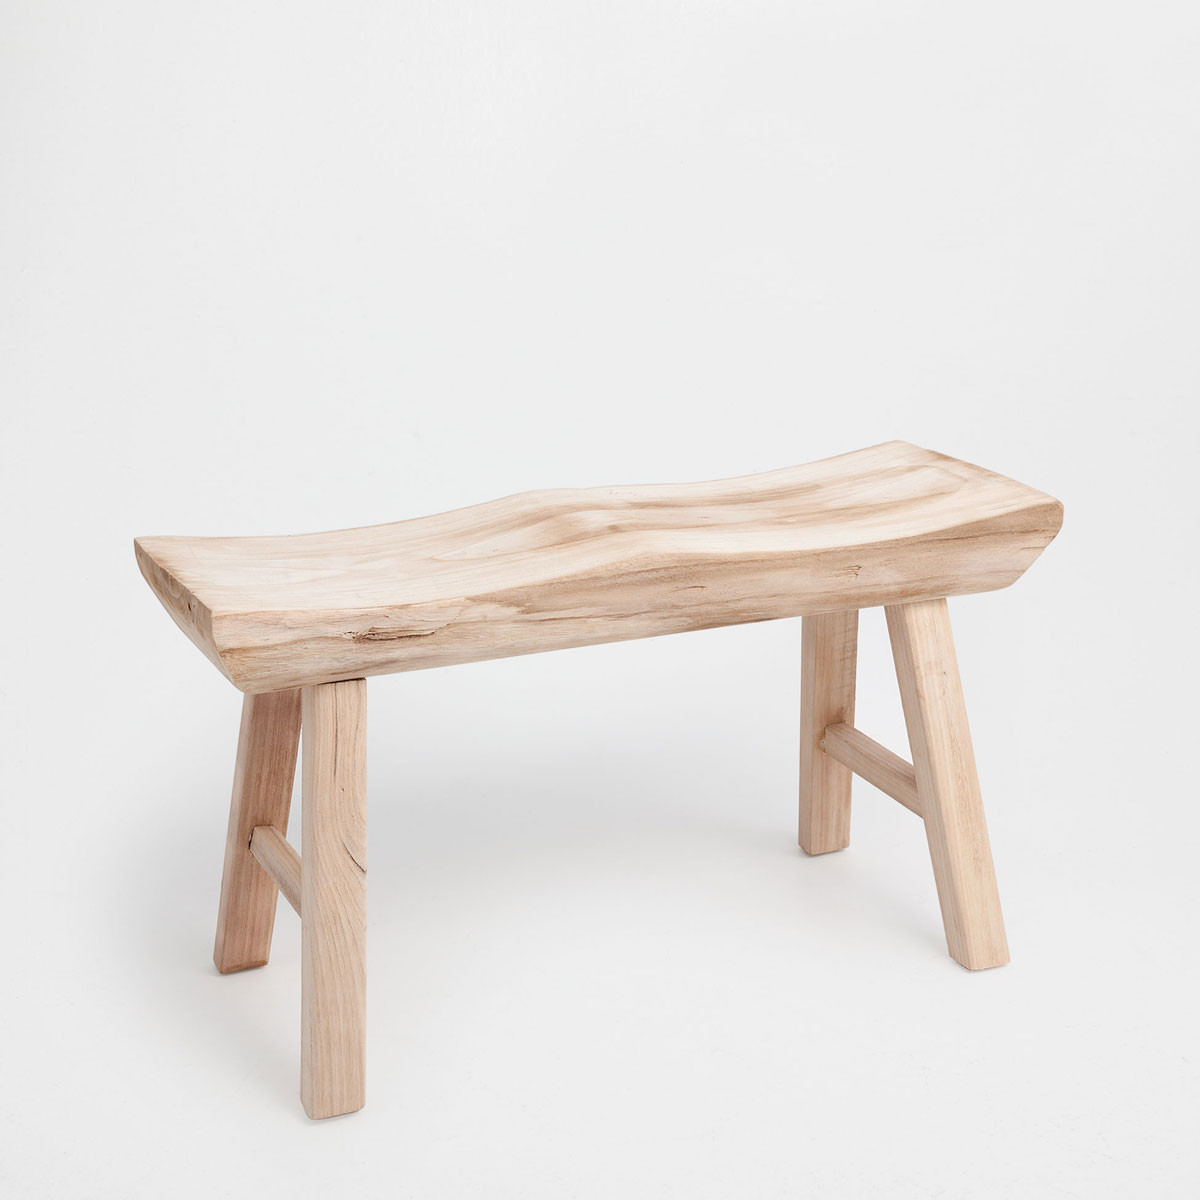 unique exterieur art autour banc jardin pas cher unique image 1 du produit petit banc en bois